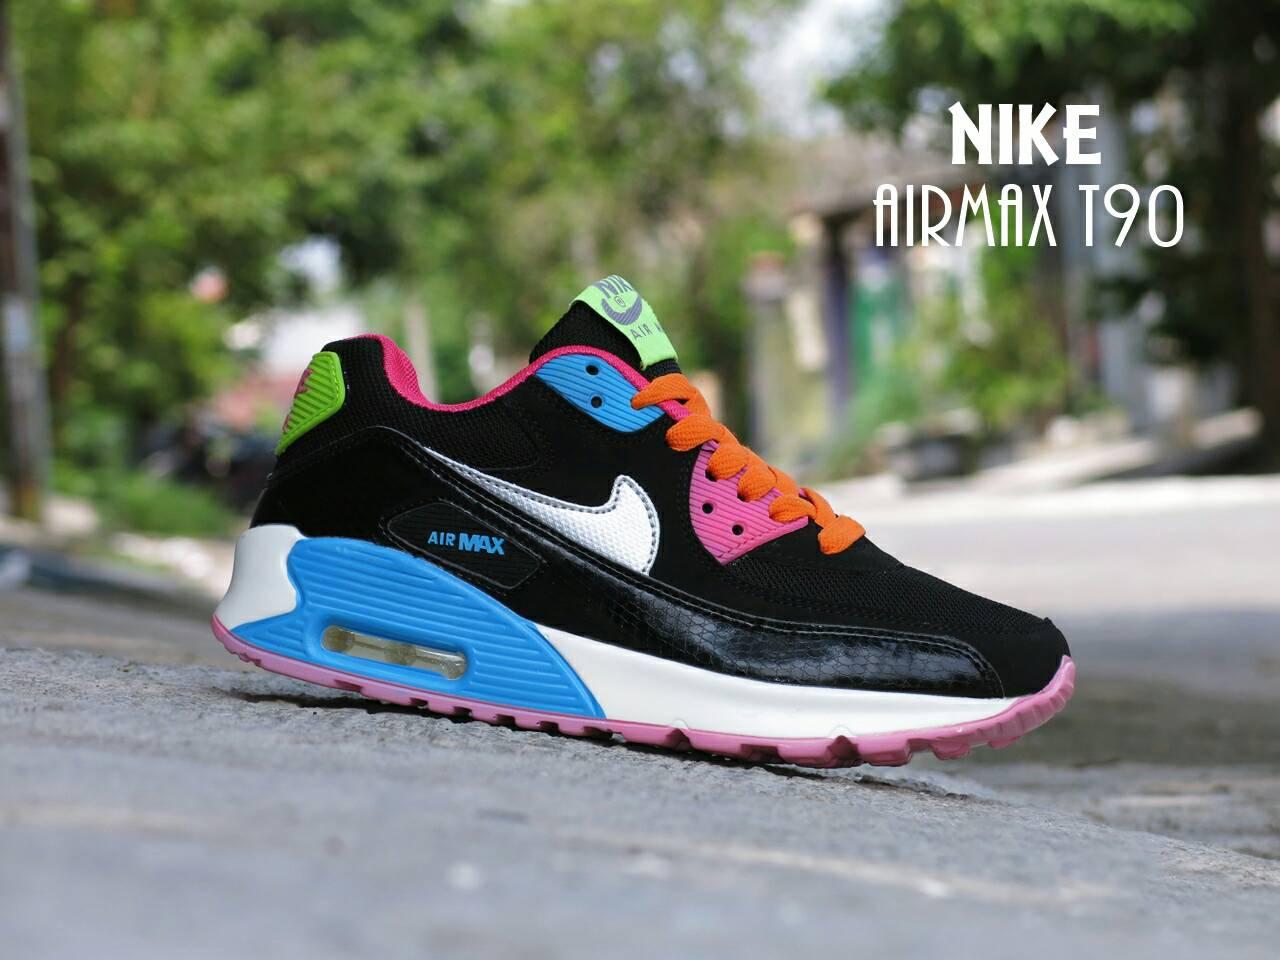 Belanja Online Nike Airmax Sepatu Kets Sport Olahraga Casual Wanita T90 Premium Import